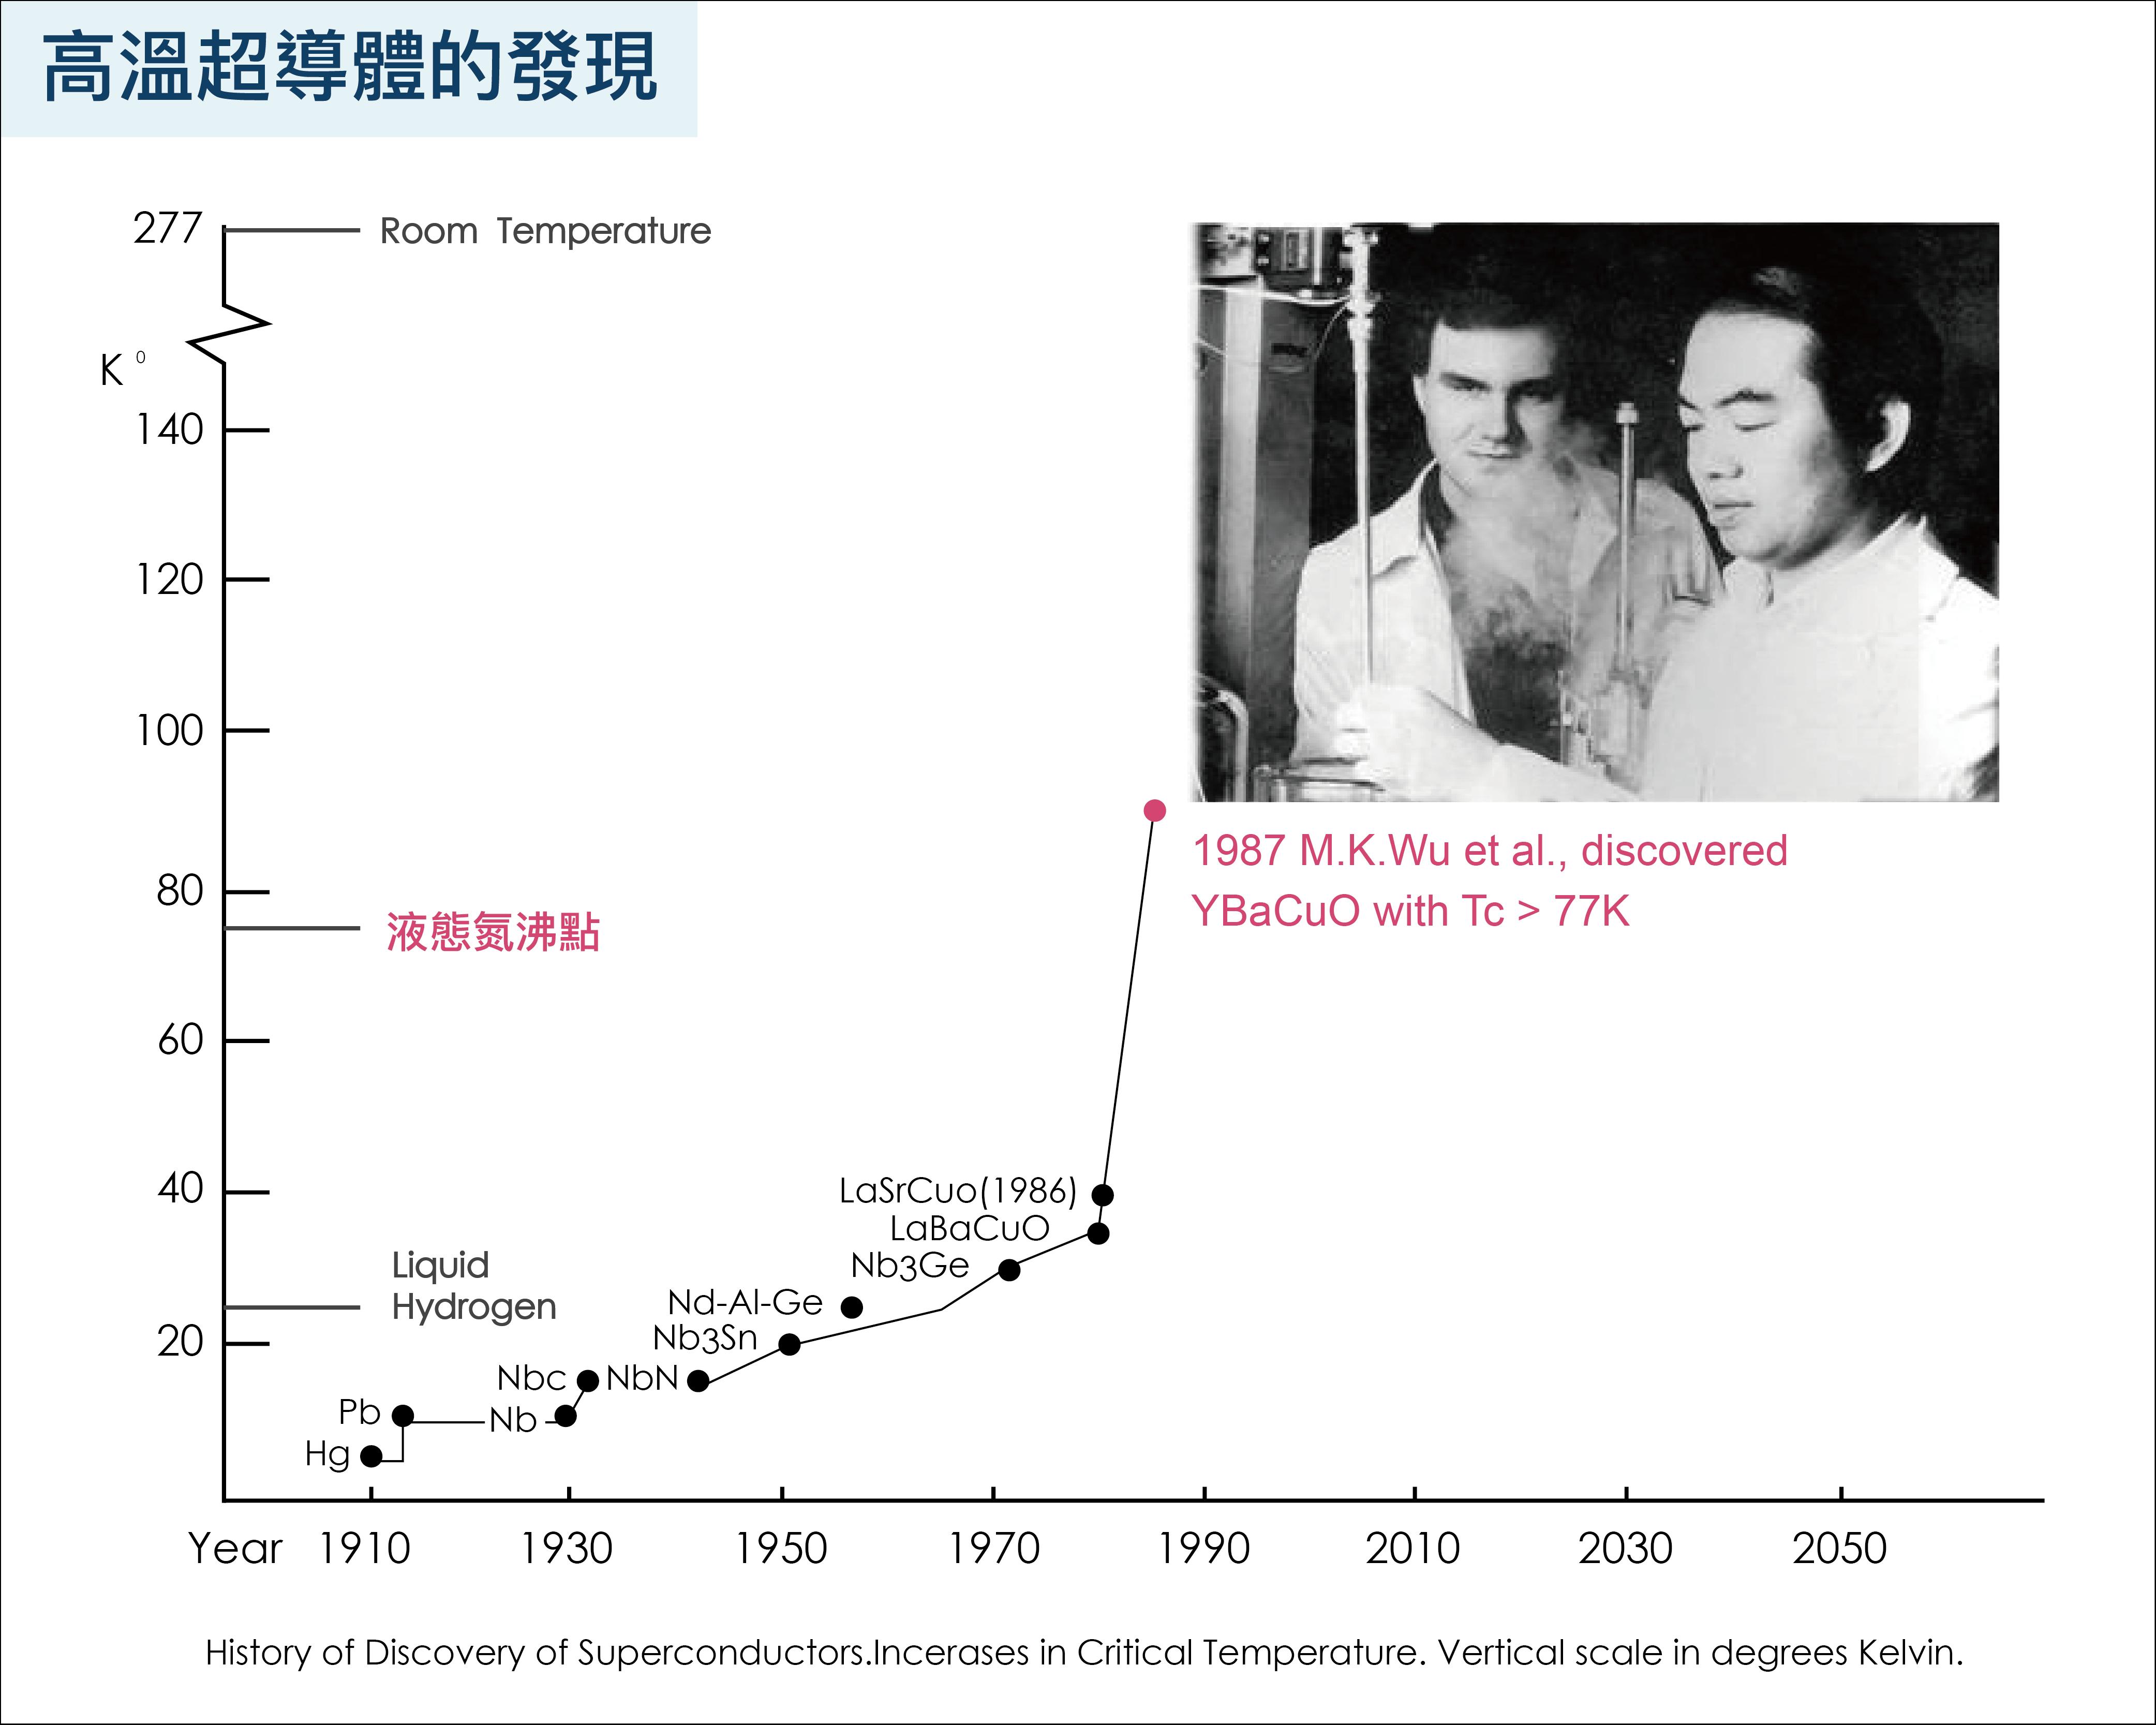 吳茂昆團隊於 1987 年發現的「釔鋇銅氧的氧化物」,超導形成溫度高於氮的沸點(氮在空氣中佔了 78%),從此以後,科學家研究超導現象就可使用量多且便宜的液態氮來冷卻。圖│研之有物(資料來源│〈高溫超導的鐵器時代─從「銅基超導」到「鐵基超導」〉,作者:吳茂昆 )